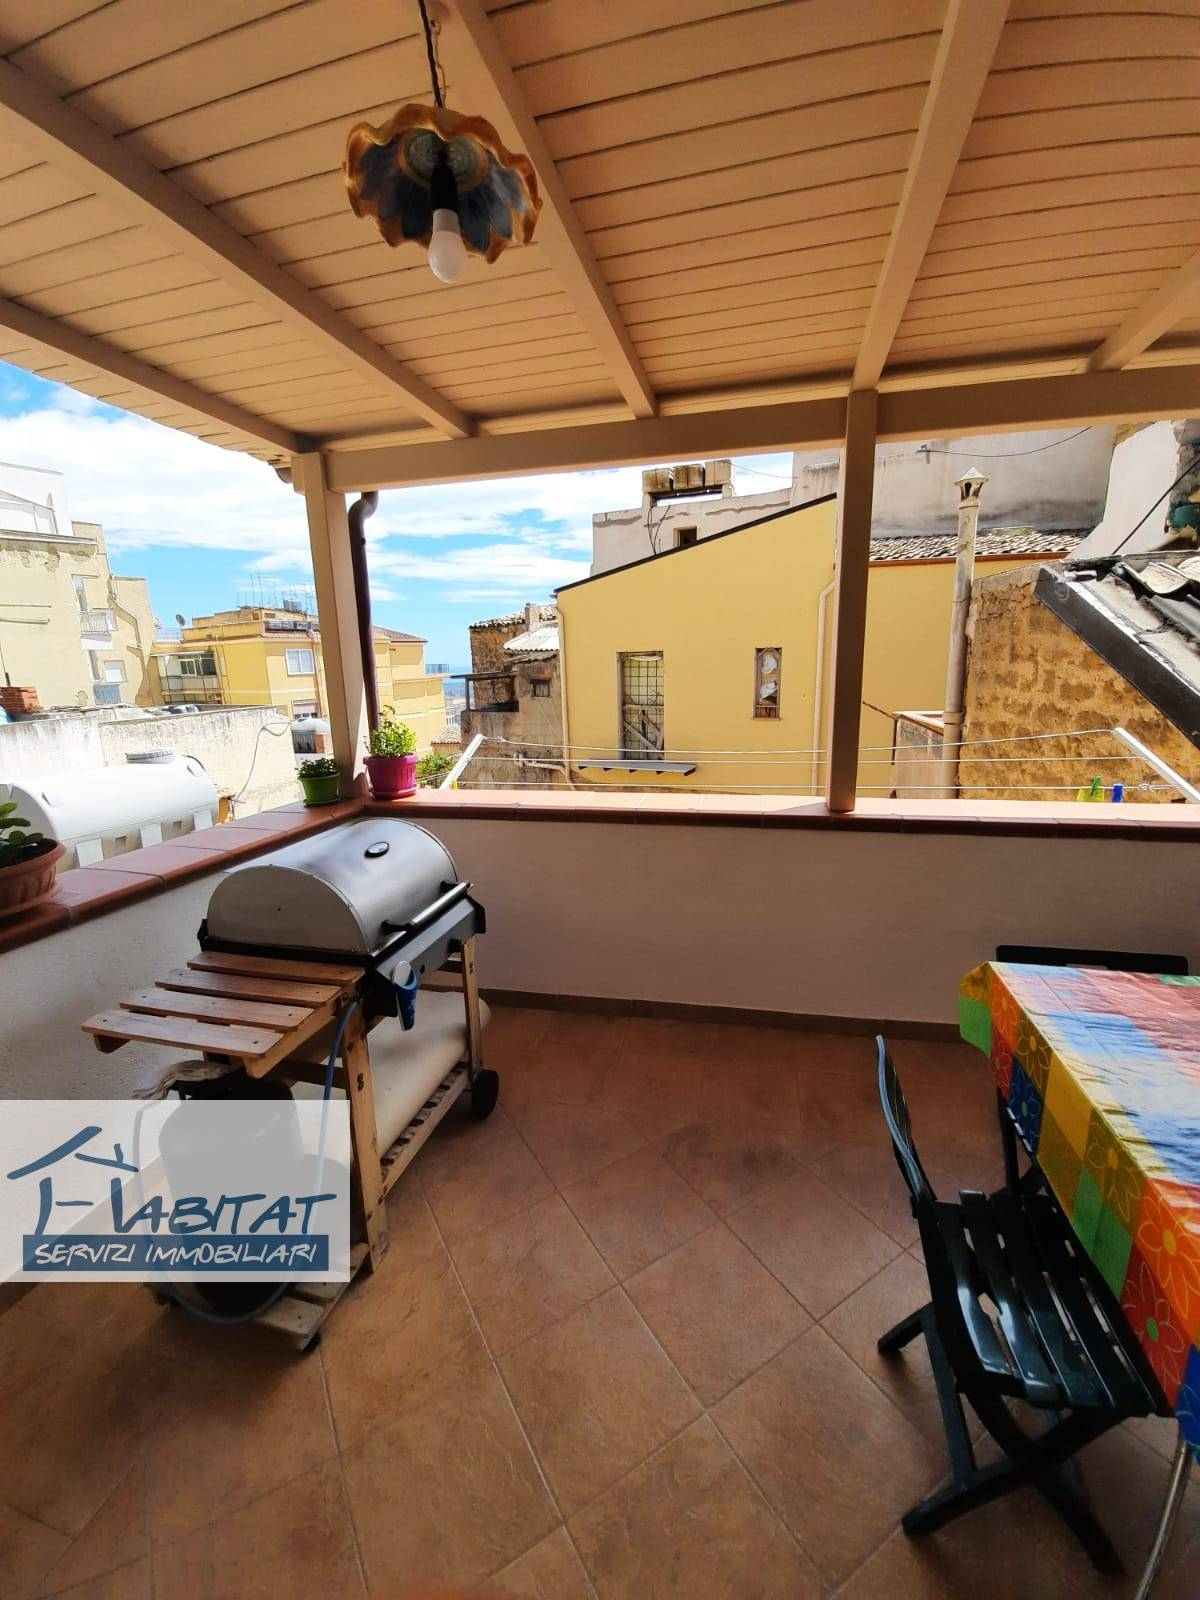 Appartamento in vendita a Agrigento, 5 locali, zona Località: Centrostorico, prezzo € 90.000 | PortaleAgenzieImmobiliari.it